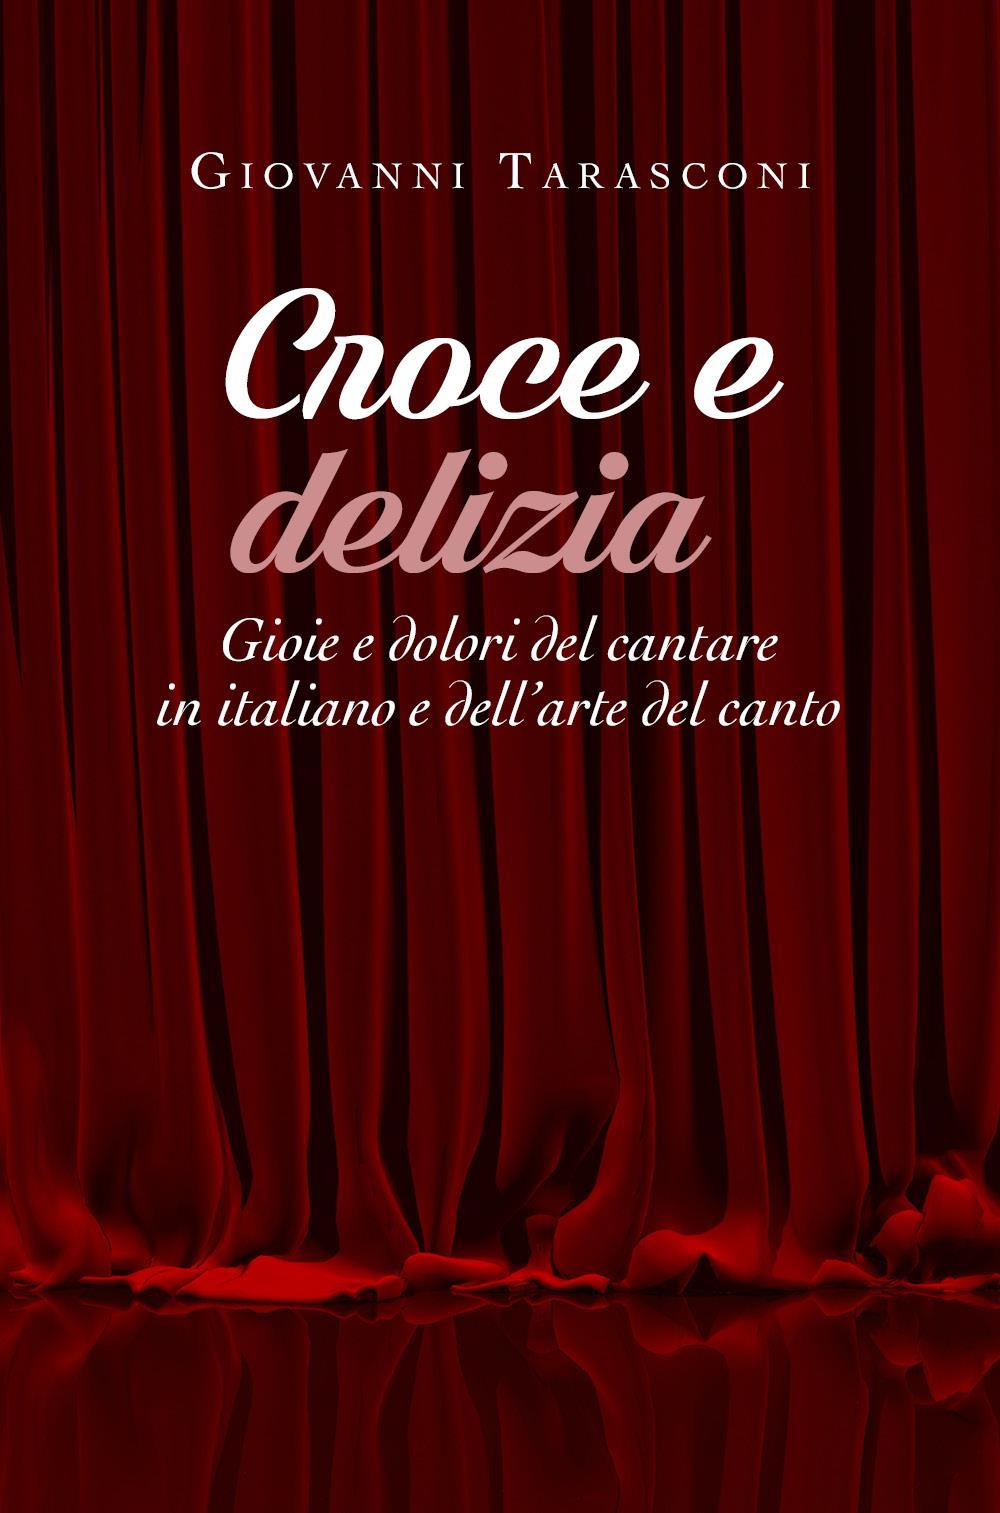 Croce e delizia - Gioie e dolori del cantare in italiano e dell'arte del canto